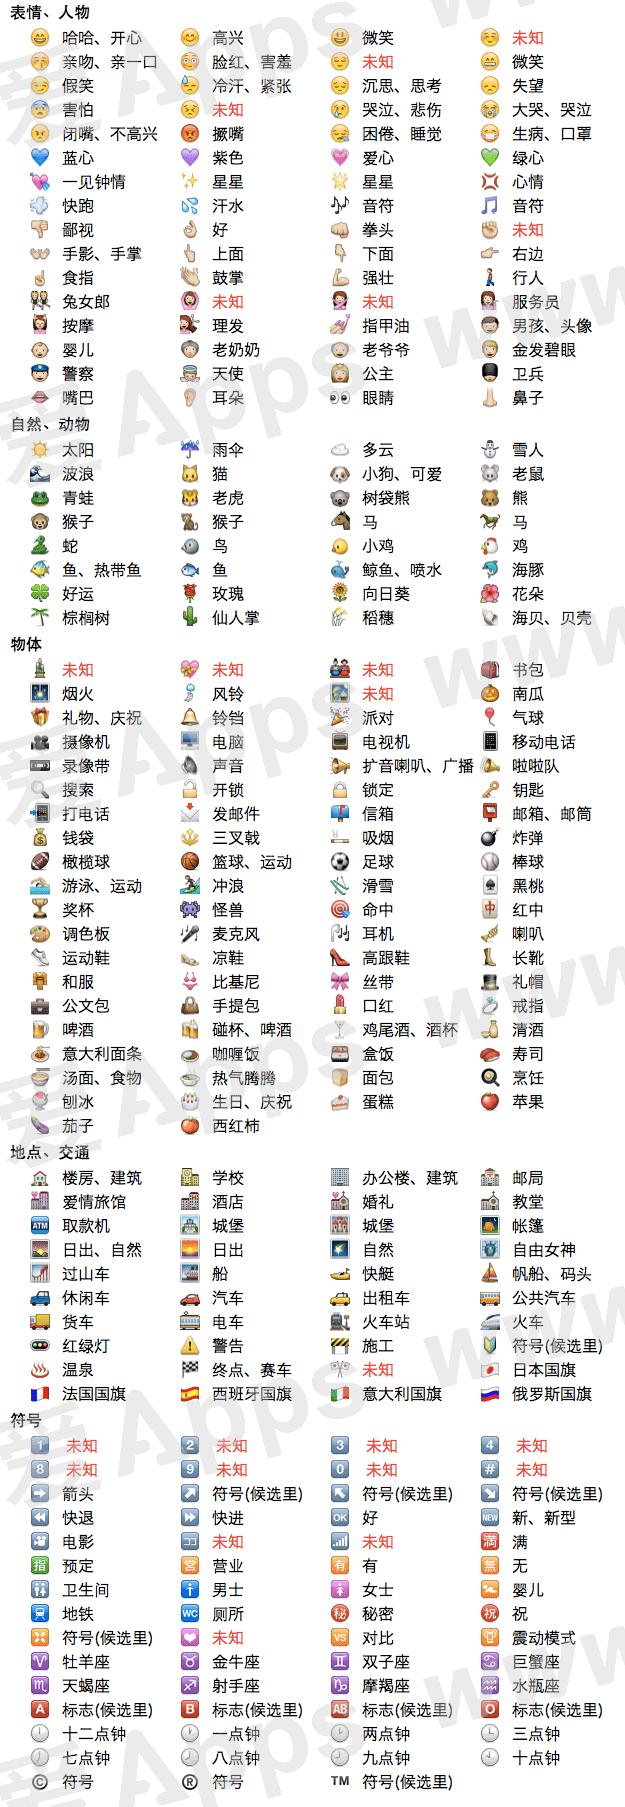 表情符号与中文输入法对照表图片